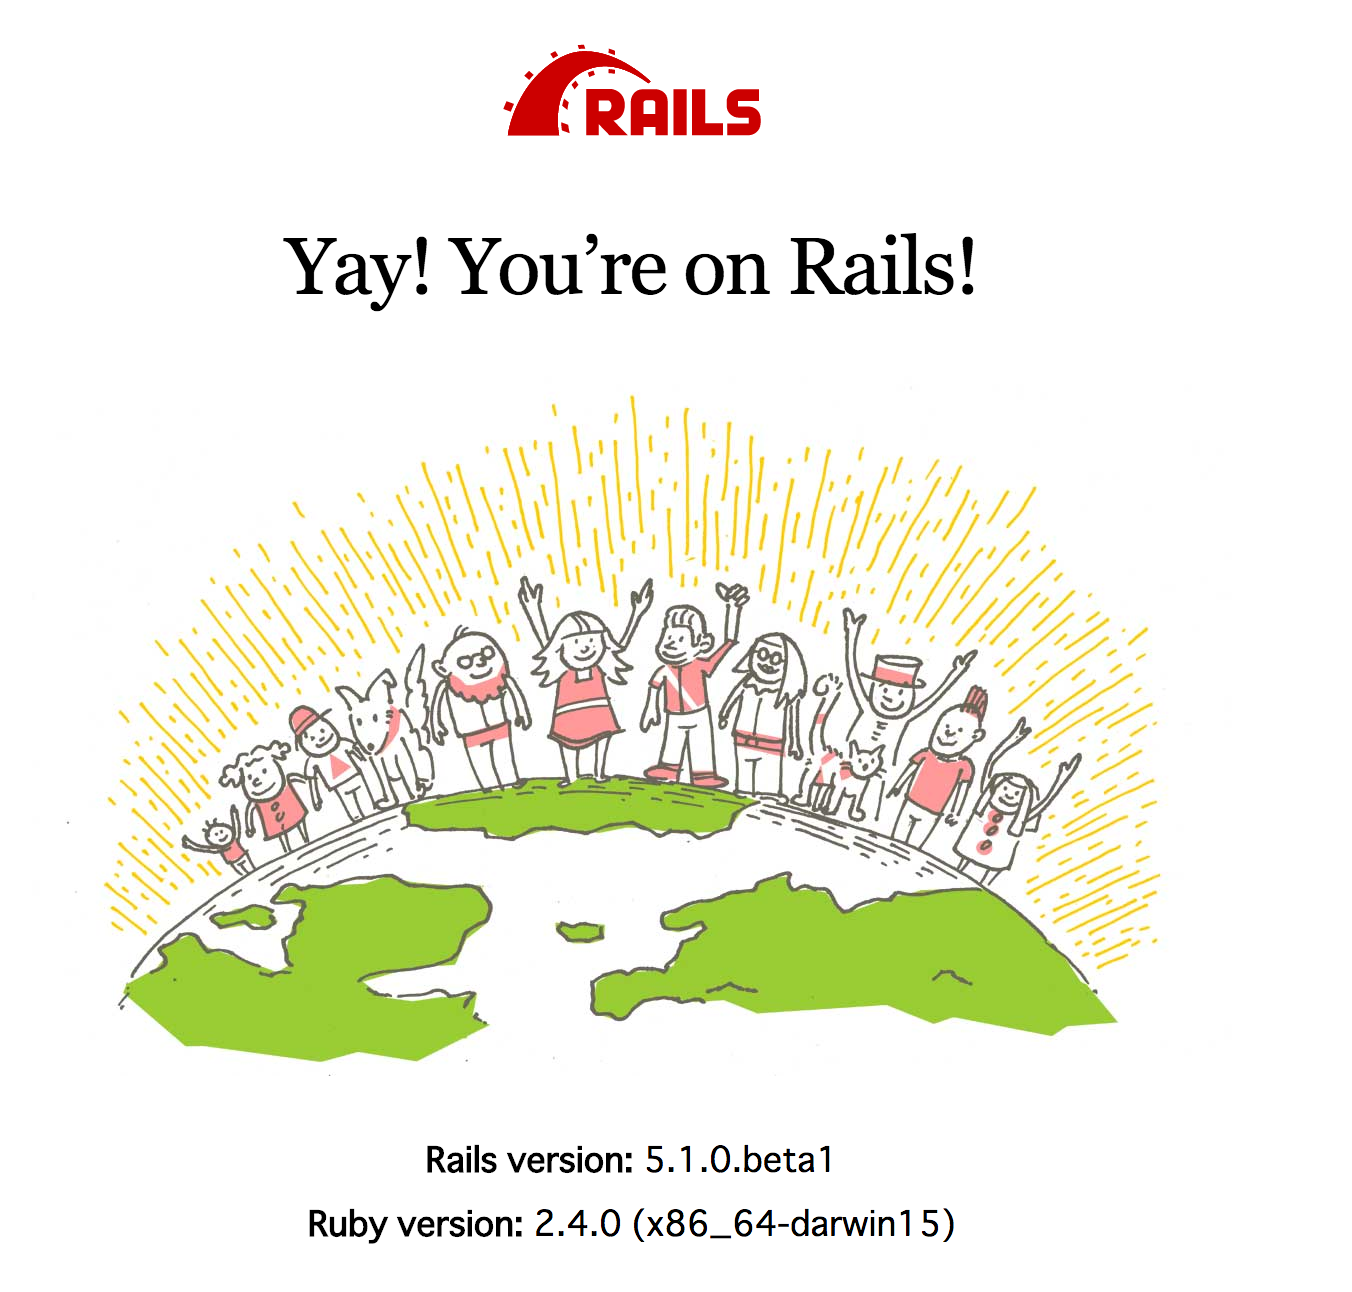 rails5-1-0-beta1-1.png